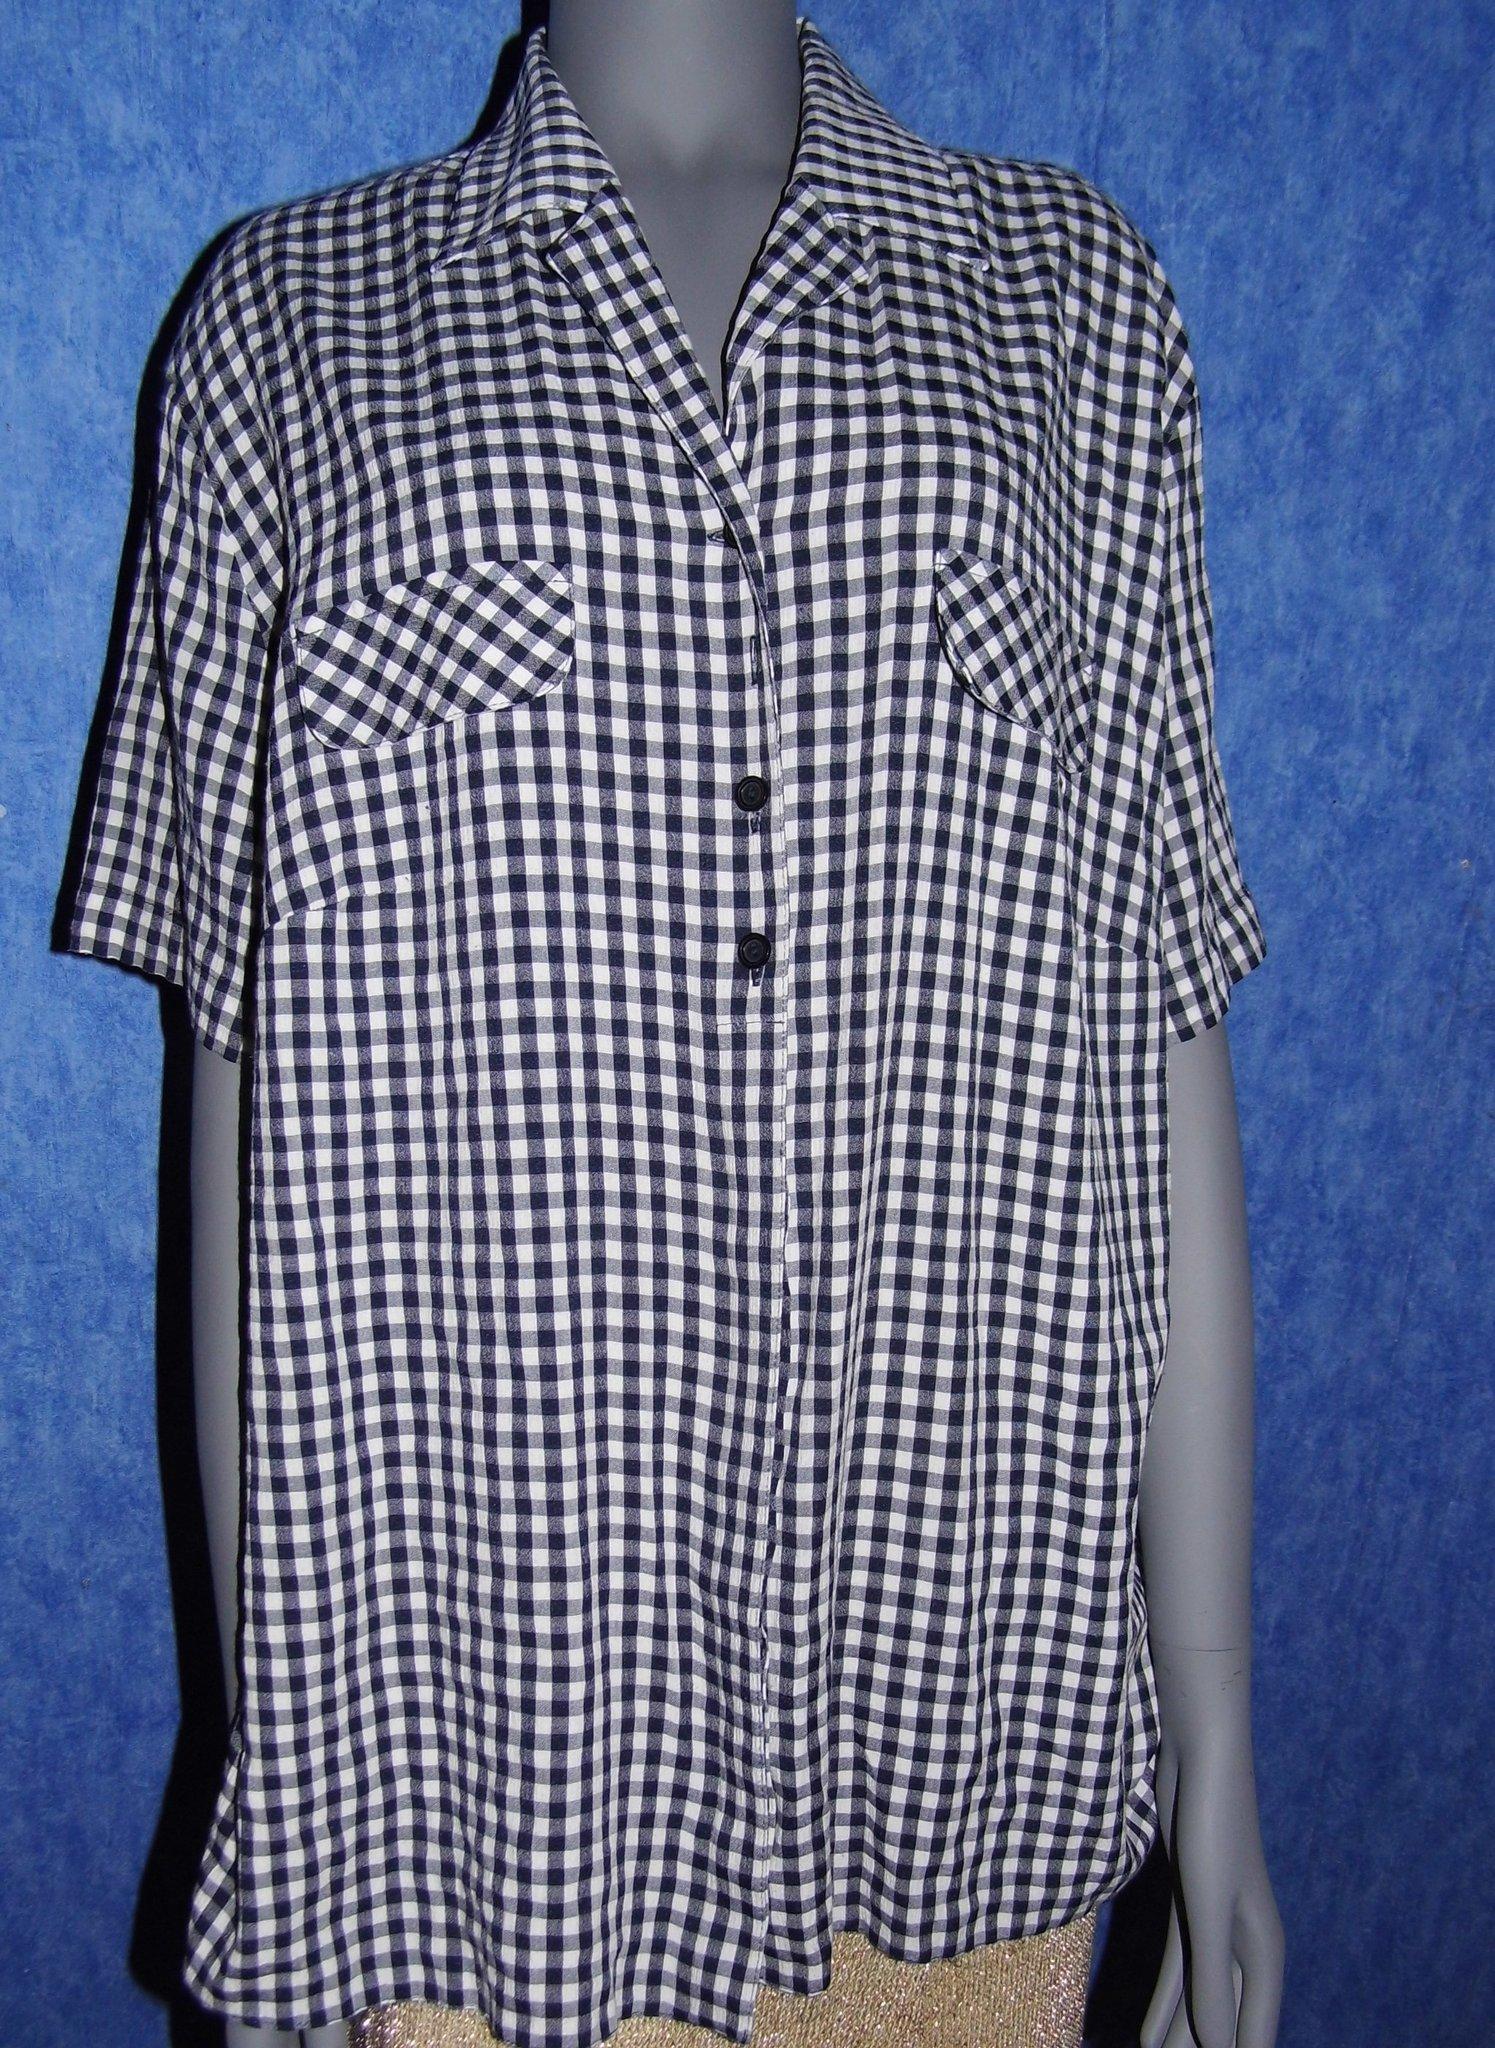 bf9097072904 Blå och vit rutig blus (346440933) ᐈ Köp på Tradera